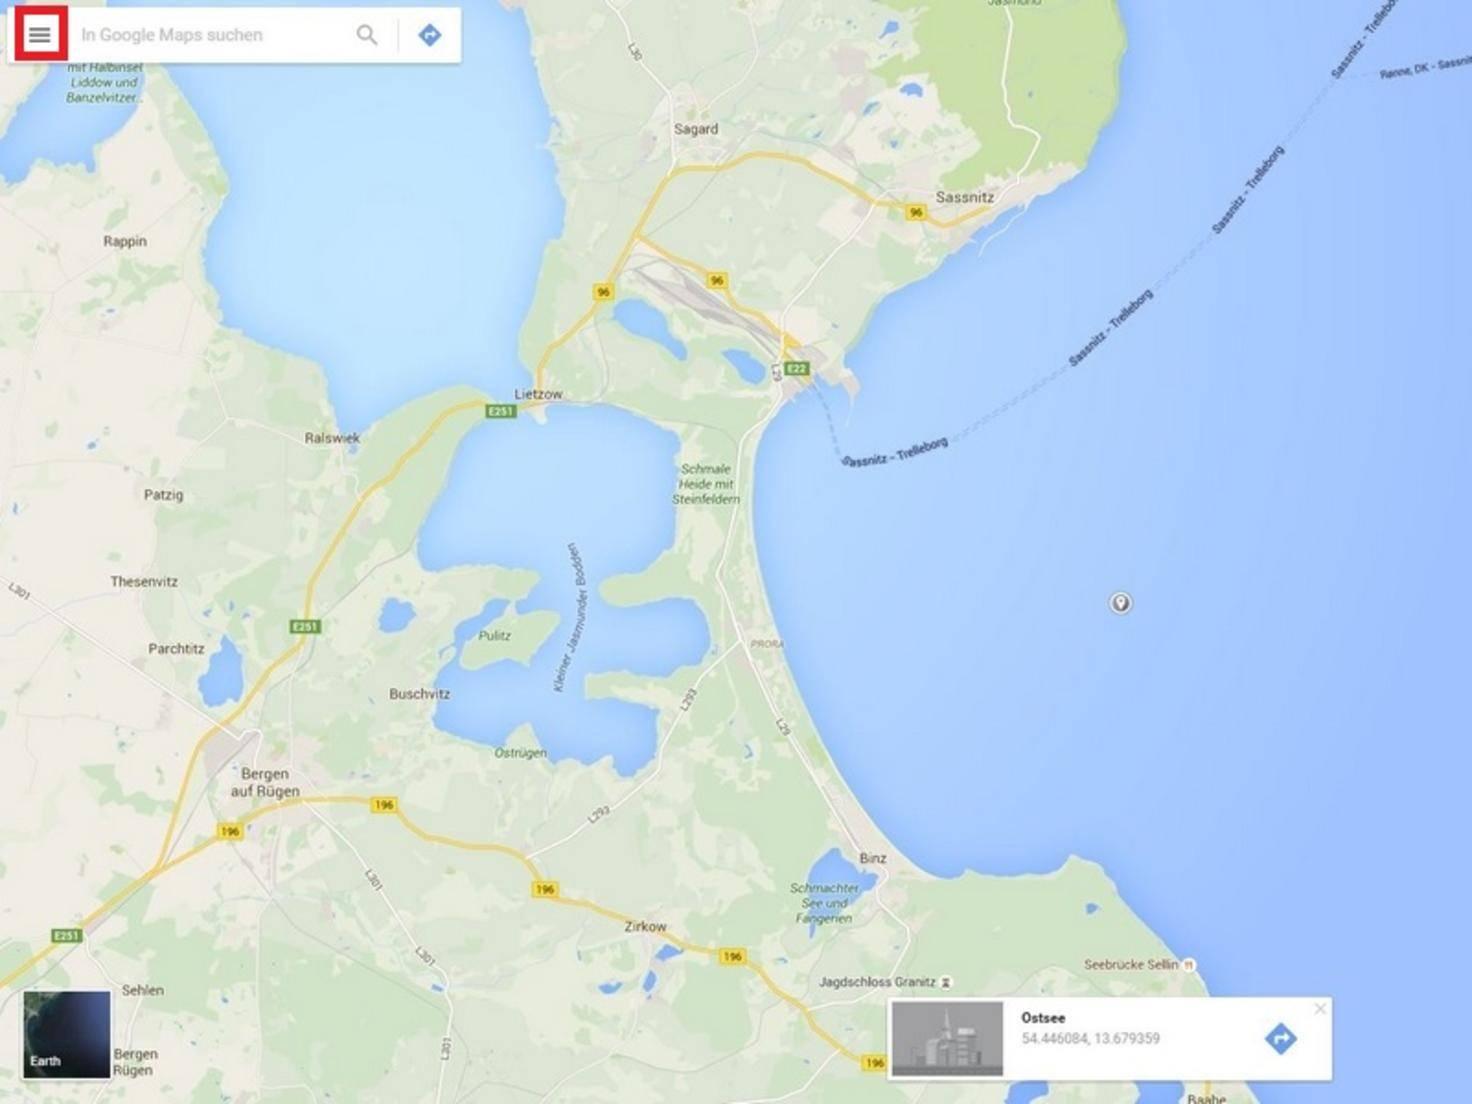 Google Maps drucken: So kommen Karten aufs Papier on